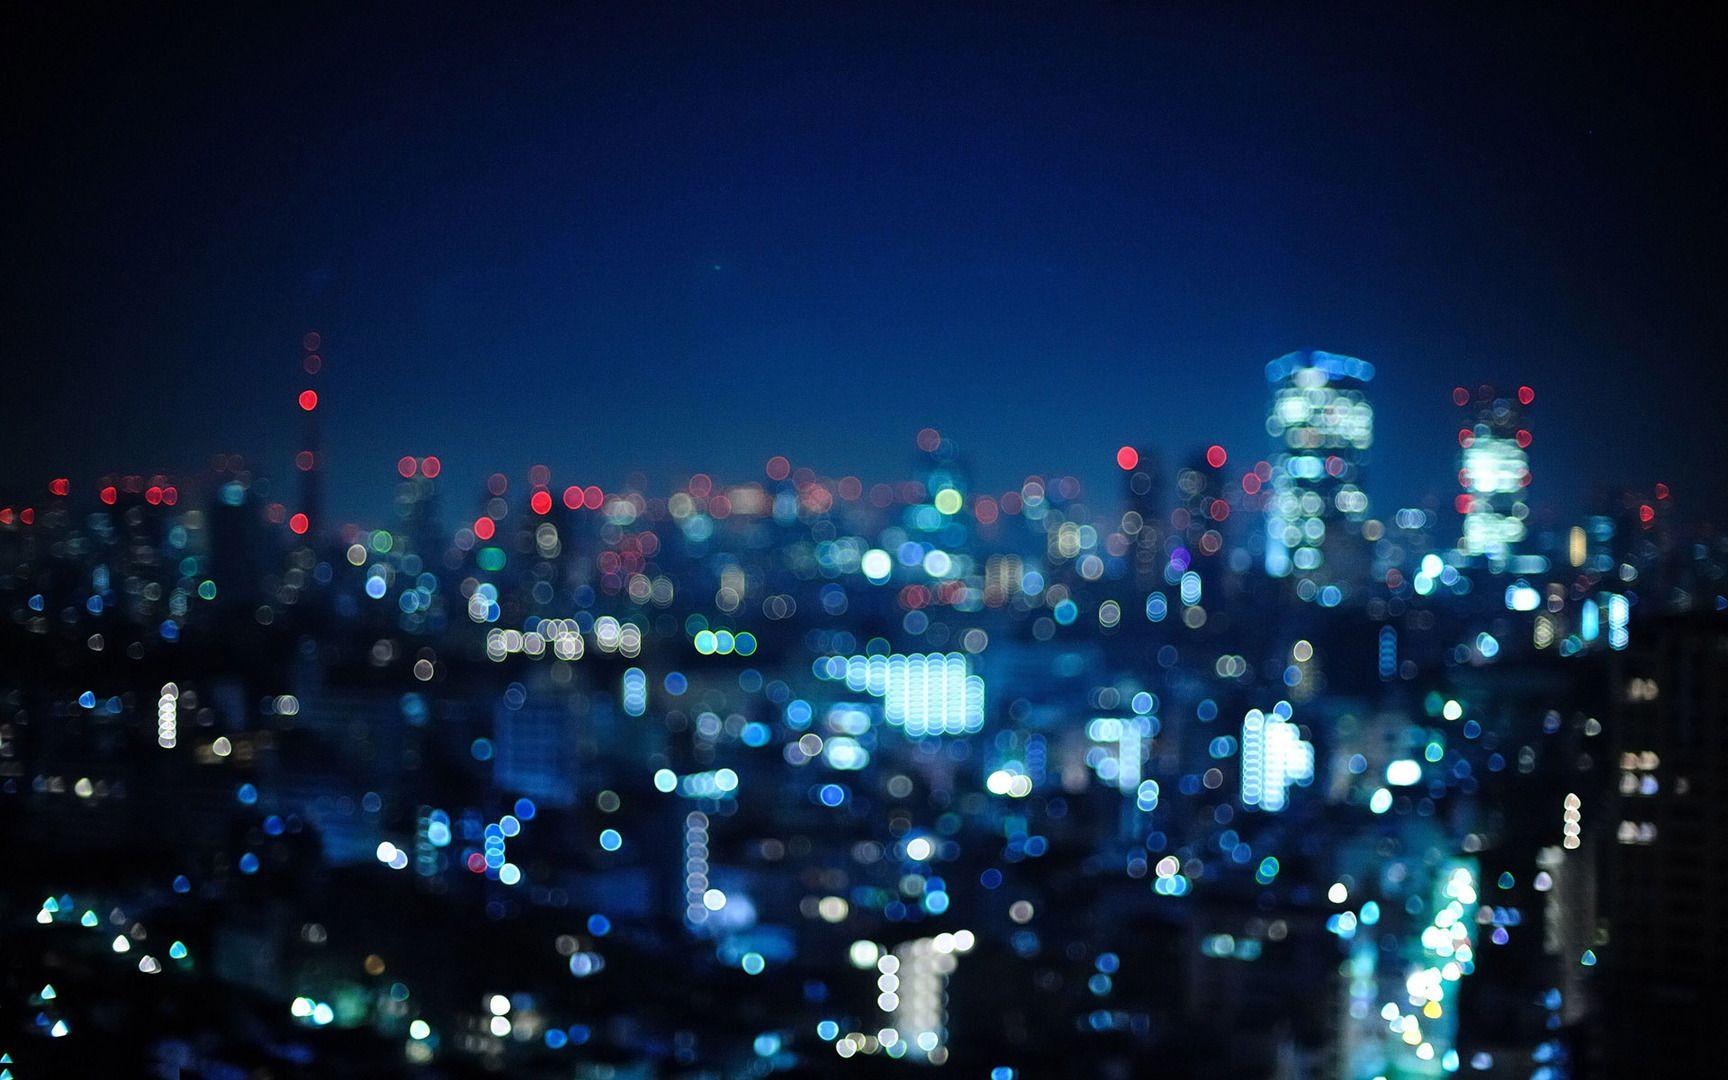 Blurry City Lights Wallpaper City Lights Wallpaper City Background Lit Wallpaper